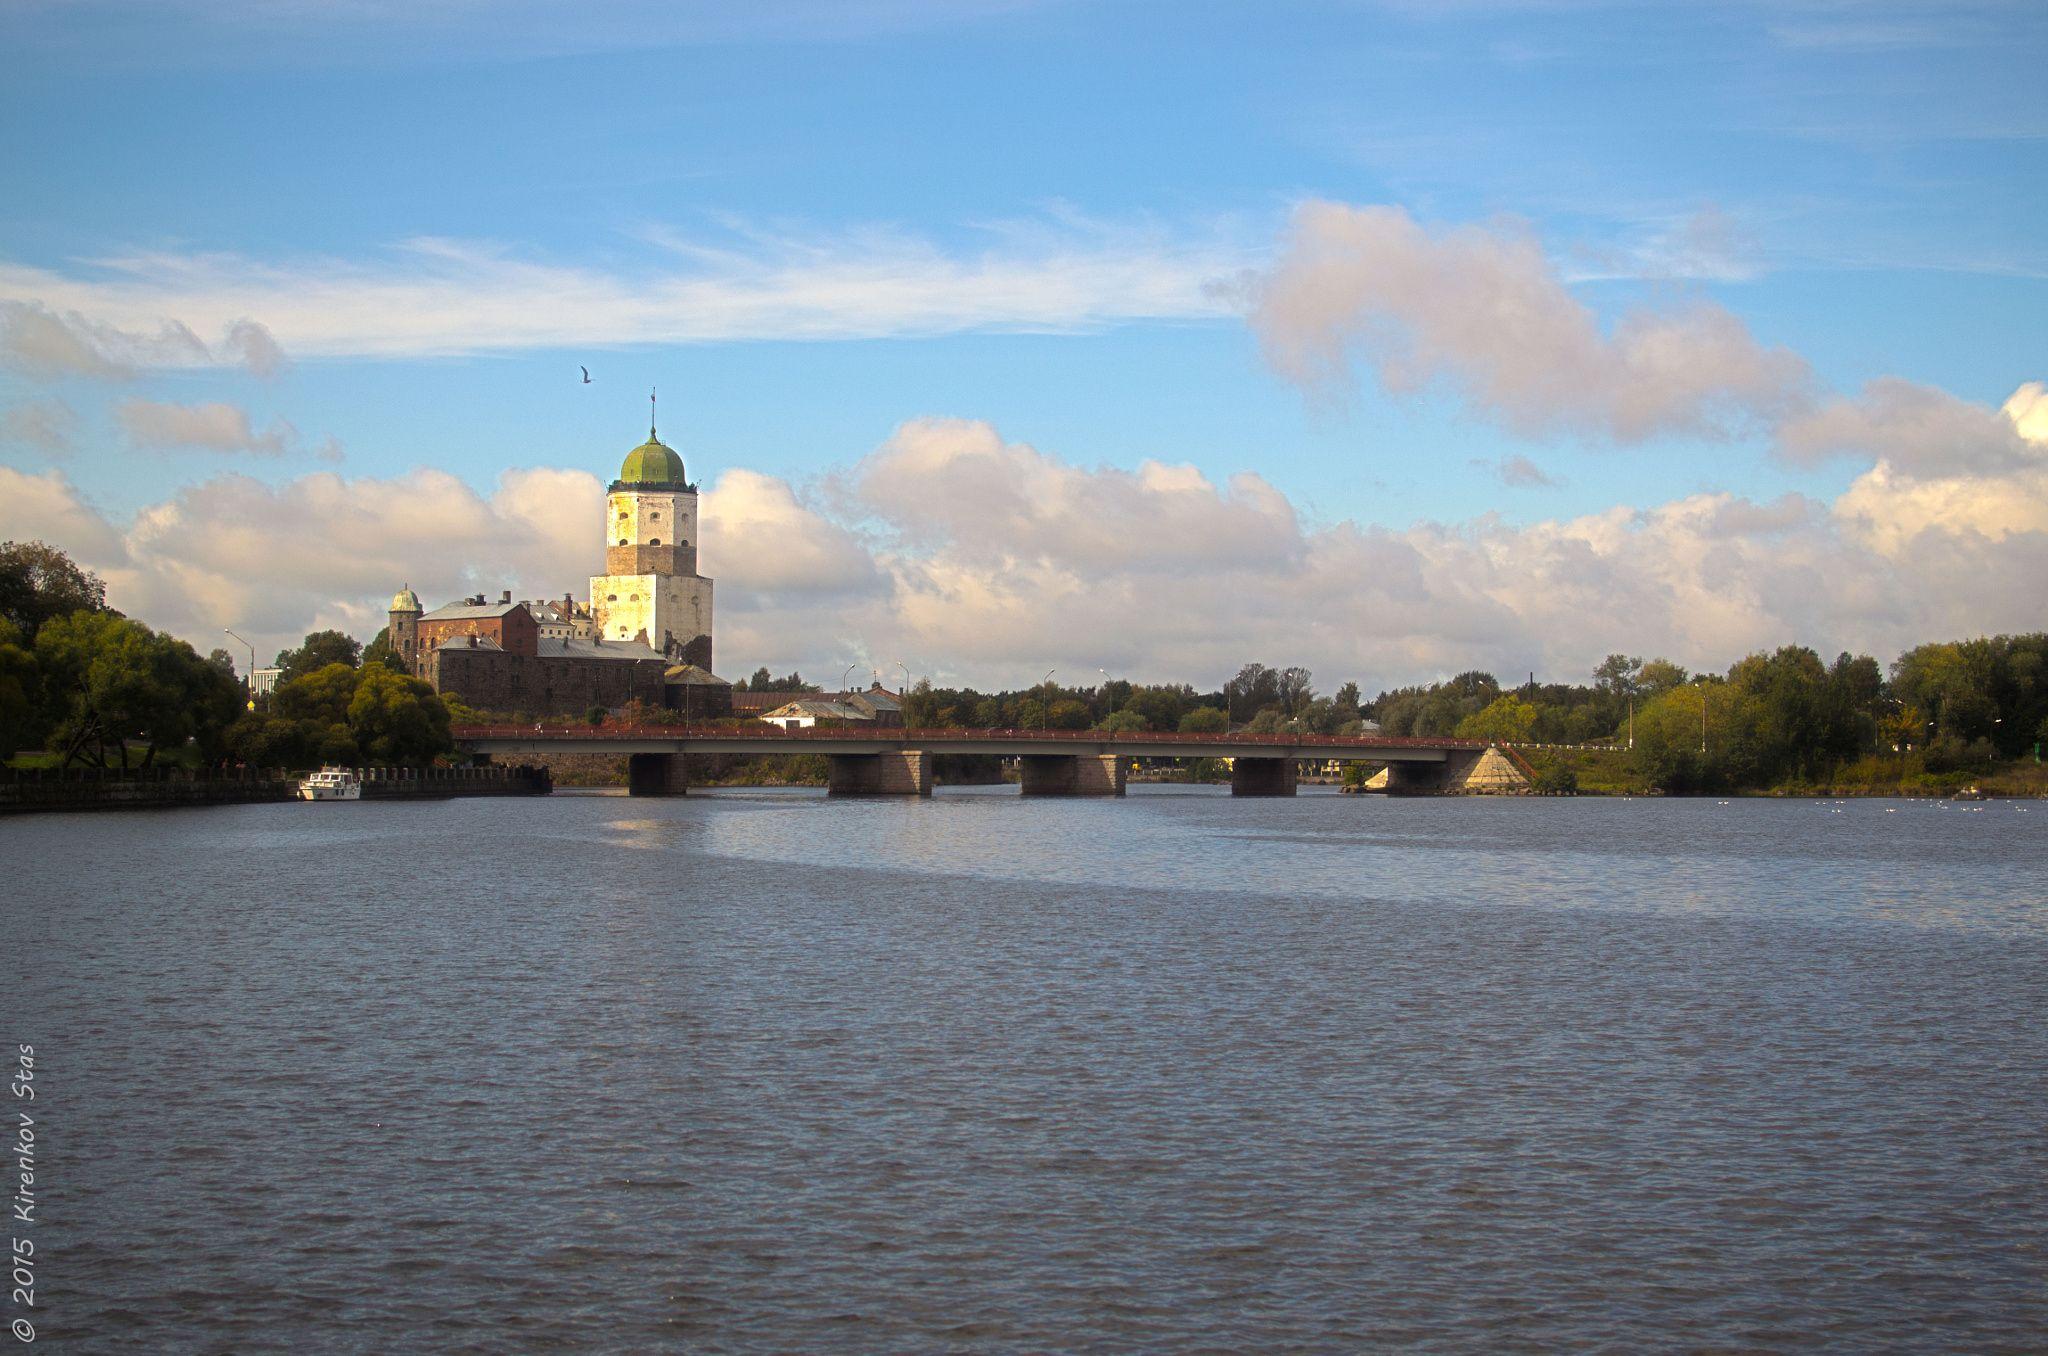 Castle behind bridge by Stas Kirenkov